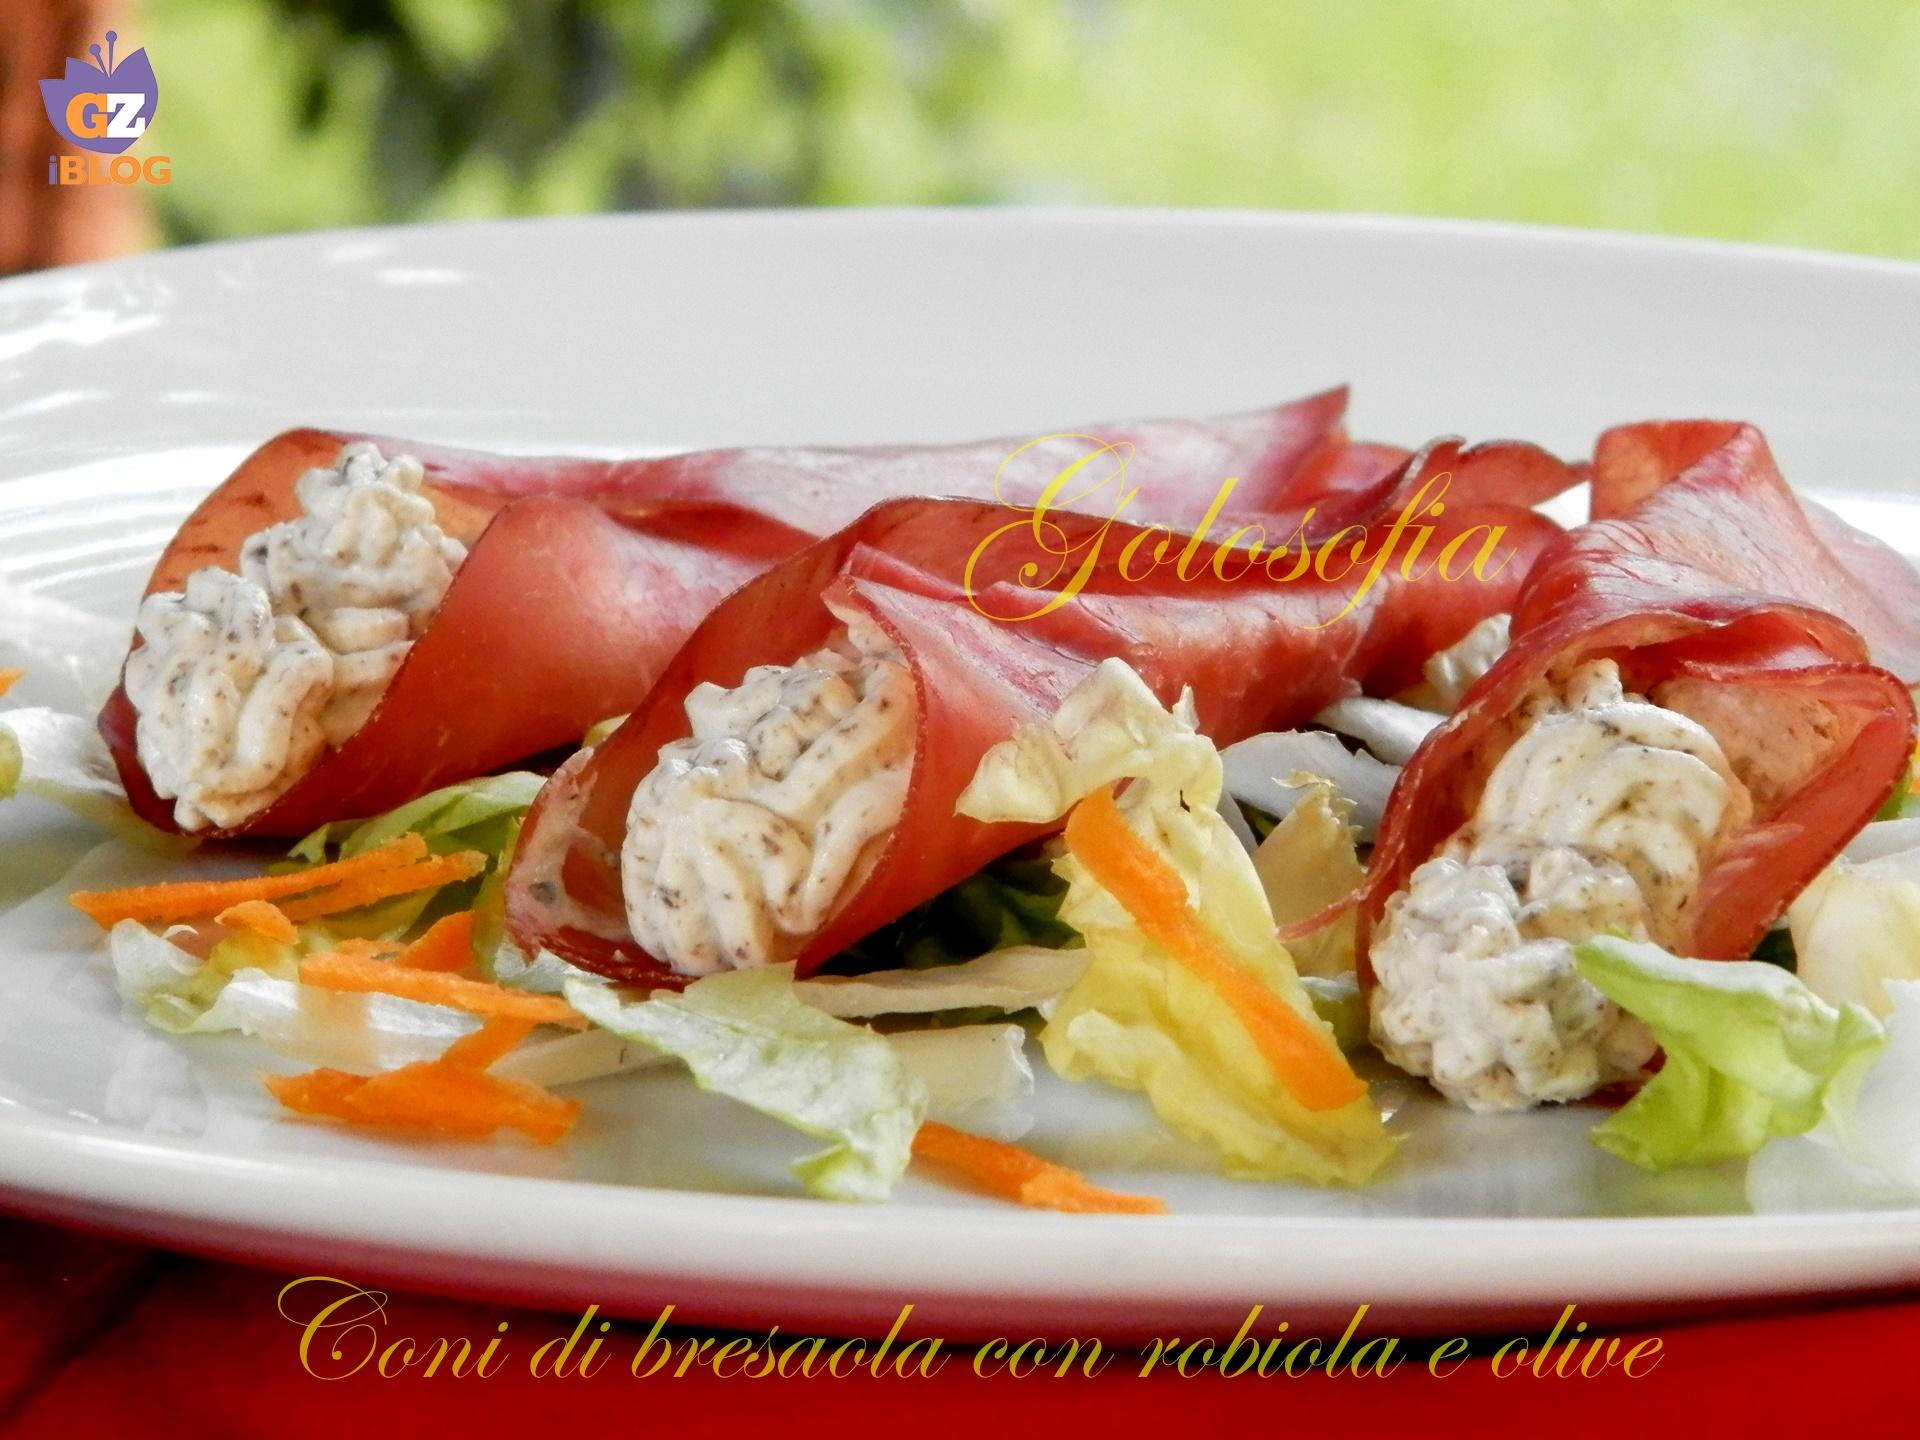 Coni di bresaola con robiola e olive-ricetta antipasti-golosofia